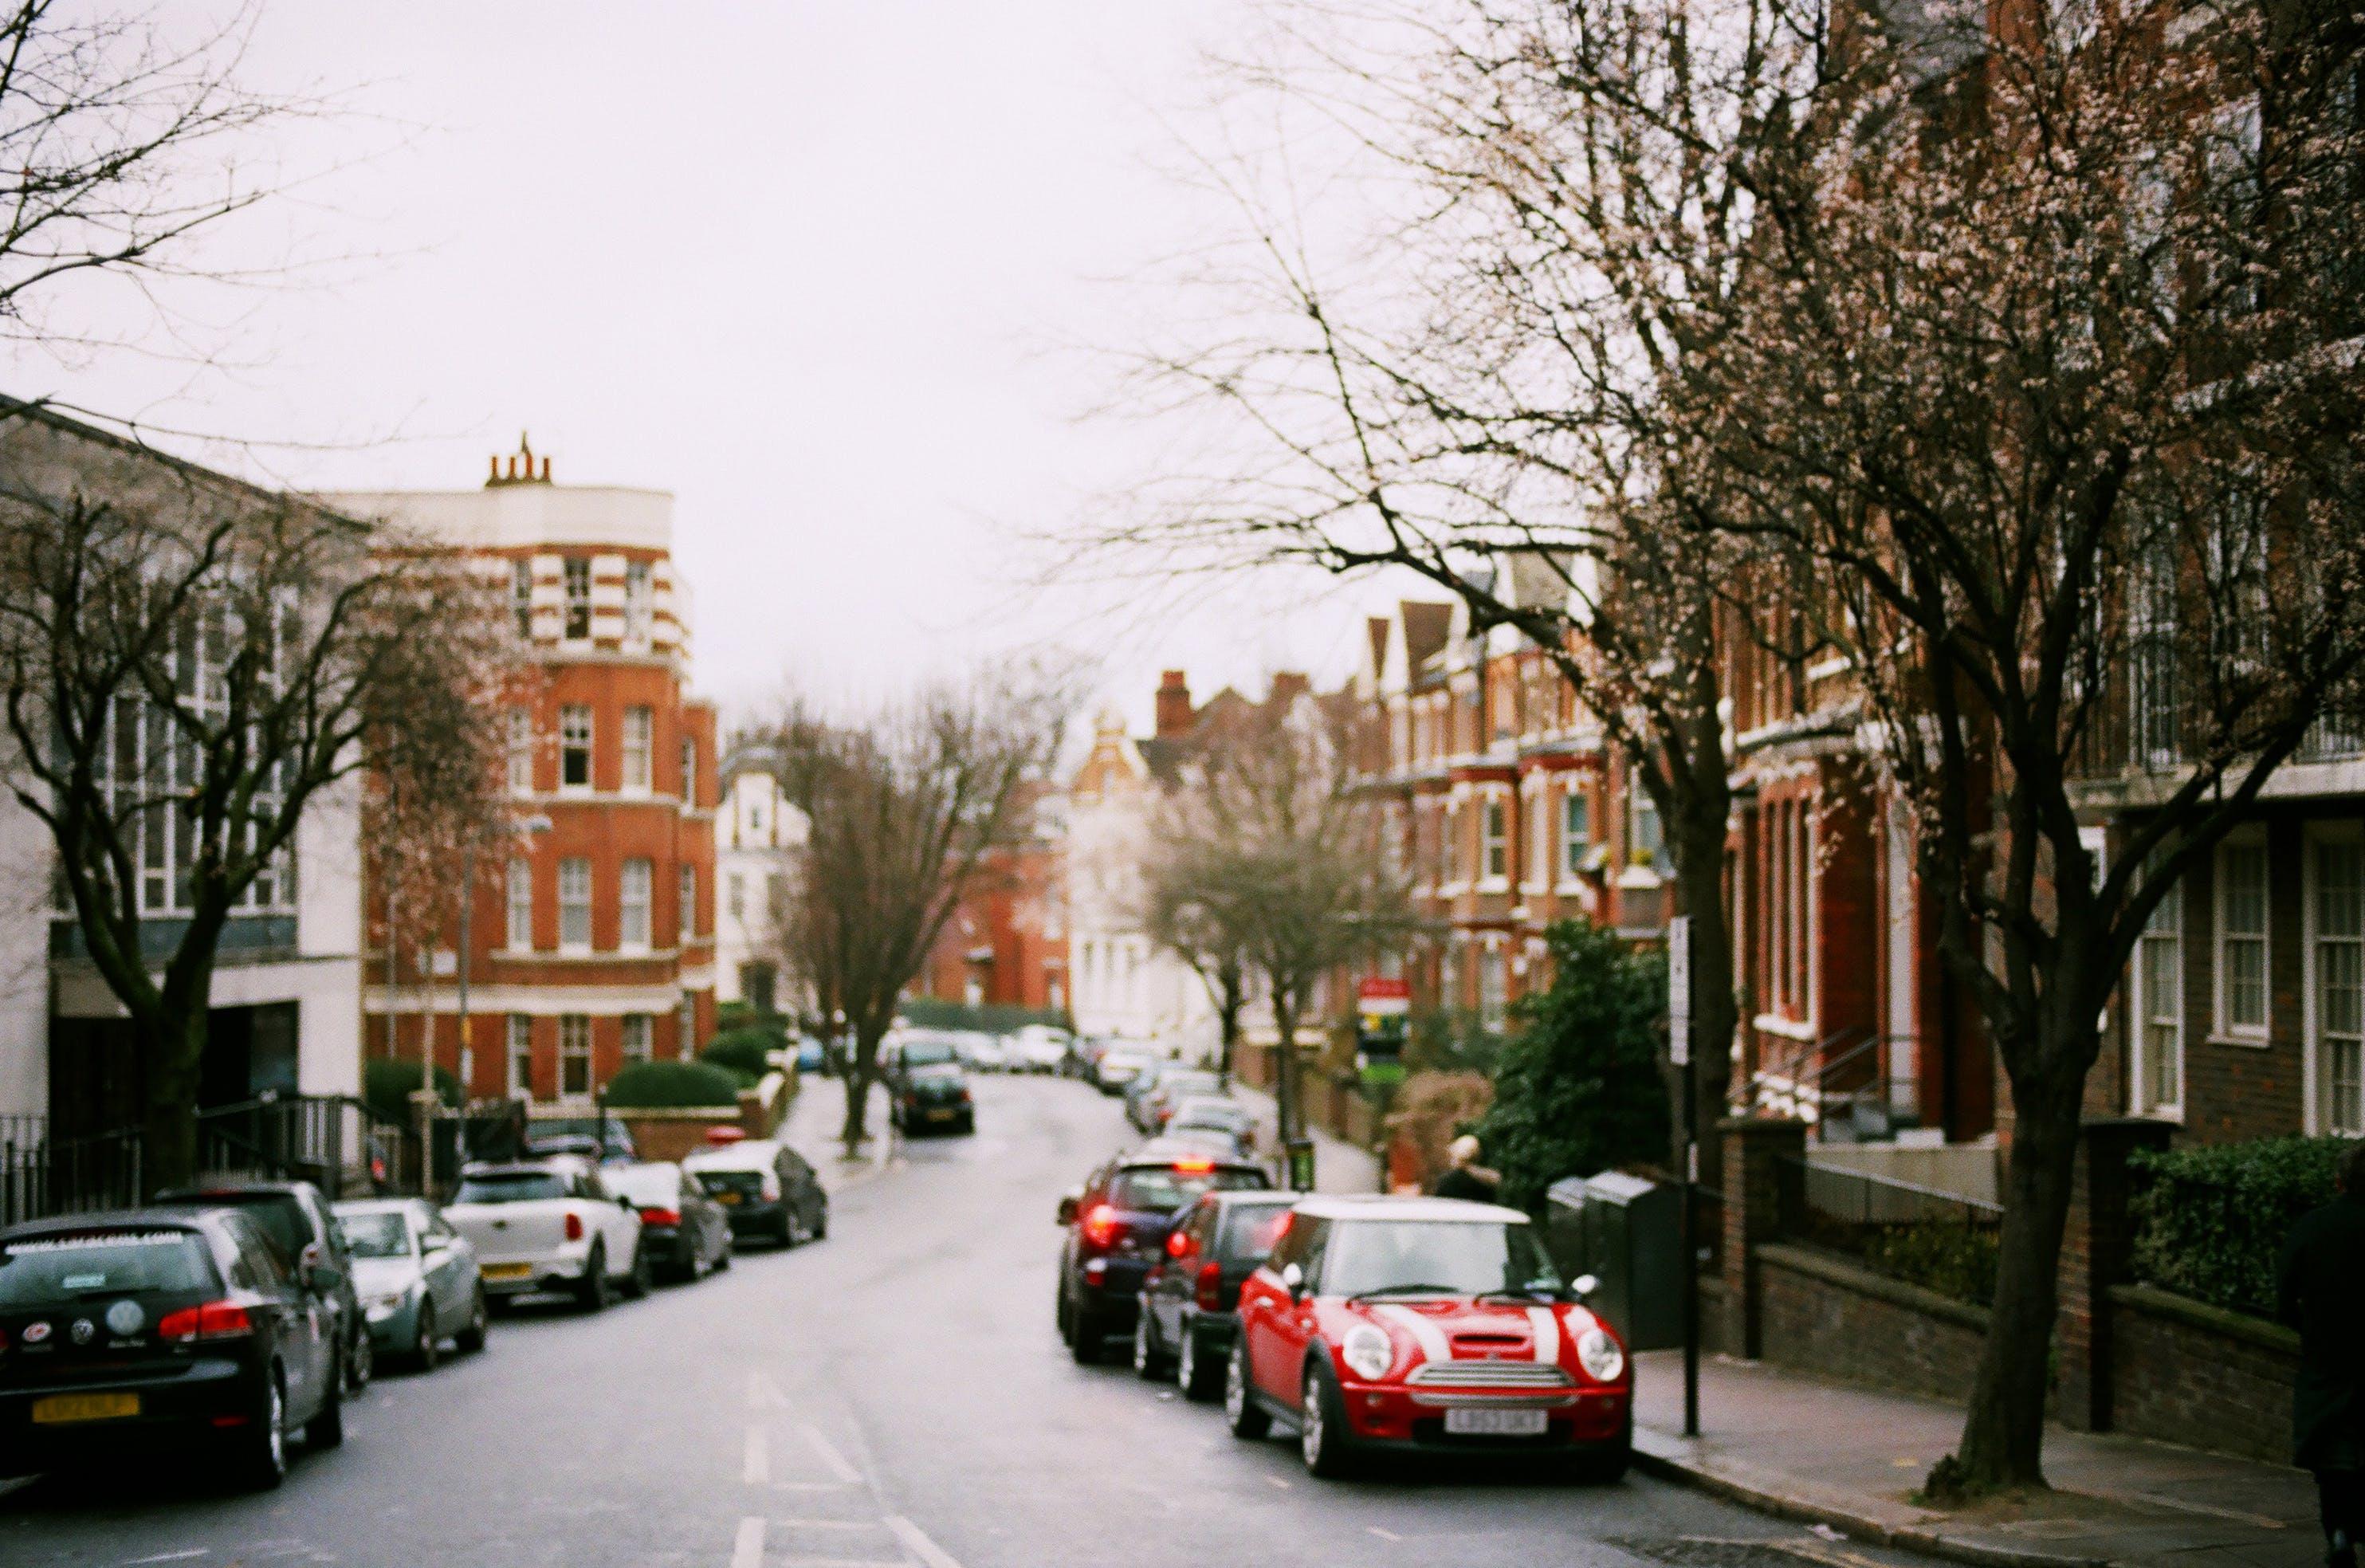 Foto d'estoc gratuïta de arbres, arquitectura, automòbils, carrer